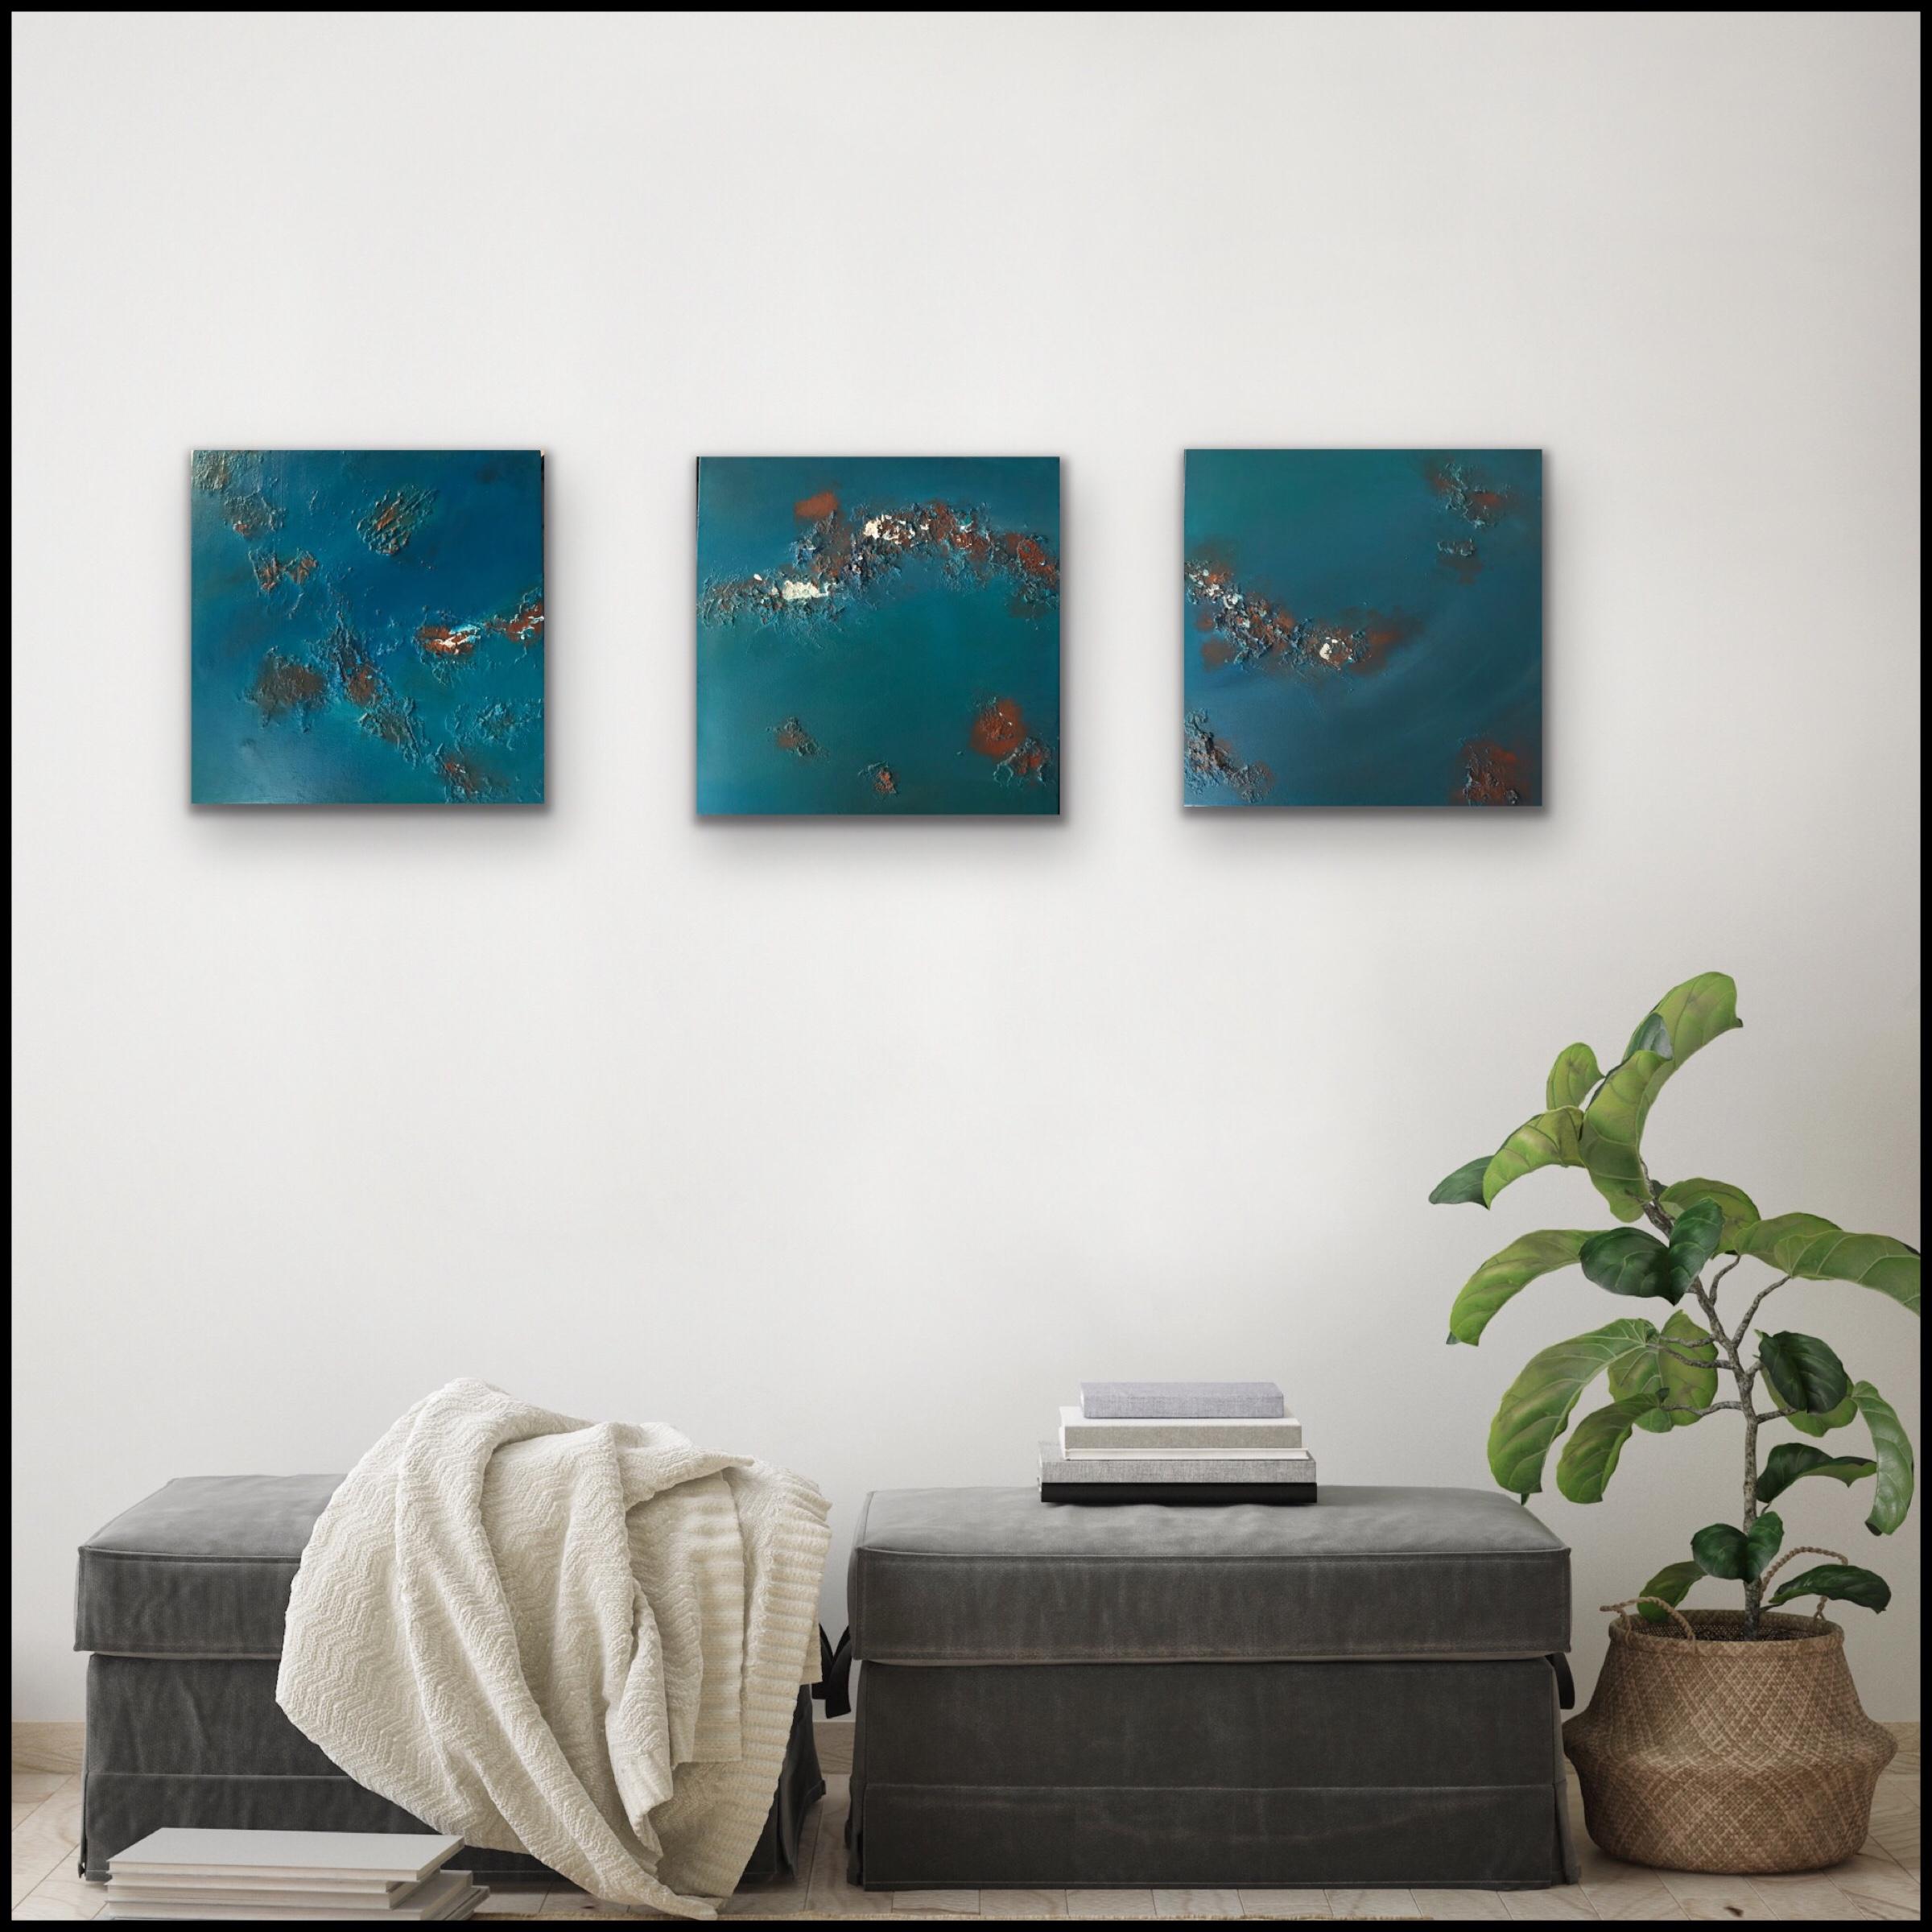 3 abstract schilderijen met structuur in blauw, roestkleur en wit (drieluik)